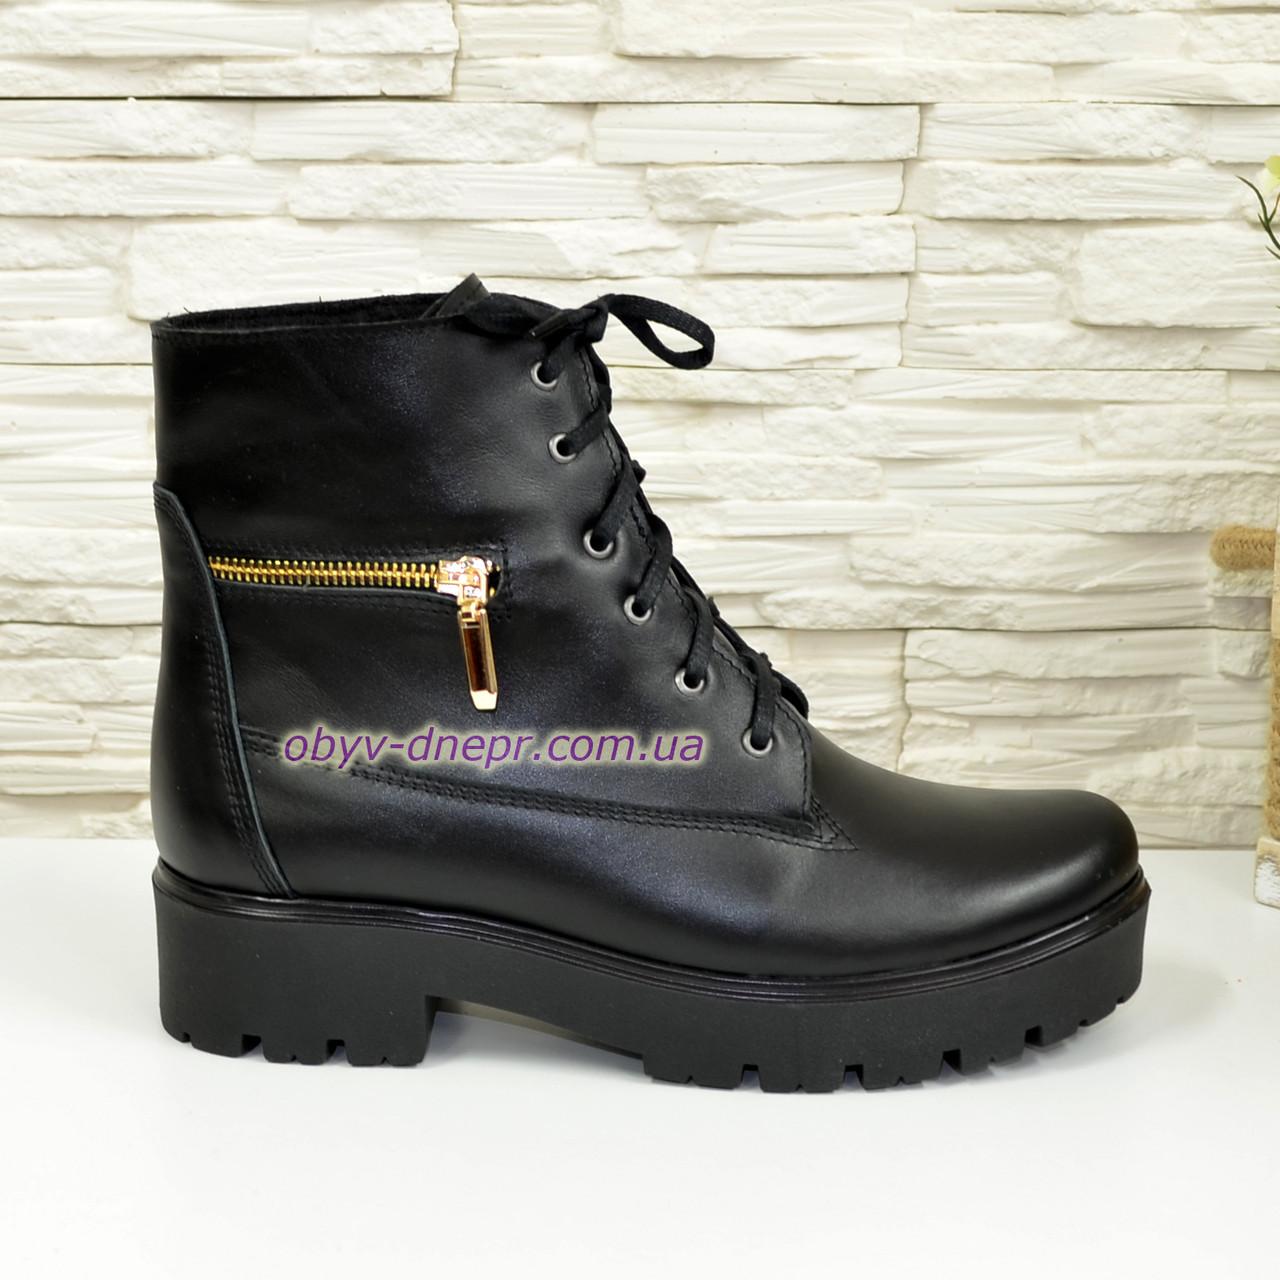 Ботинки женские   кожаные на шнуровке, подошва утолщенная